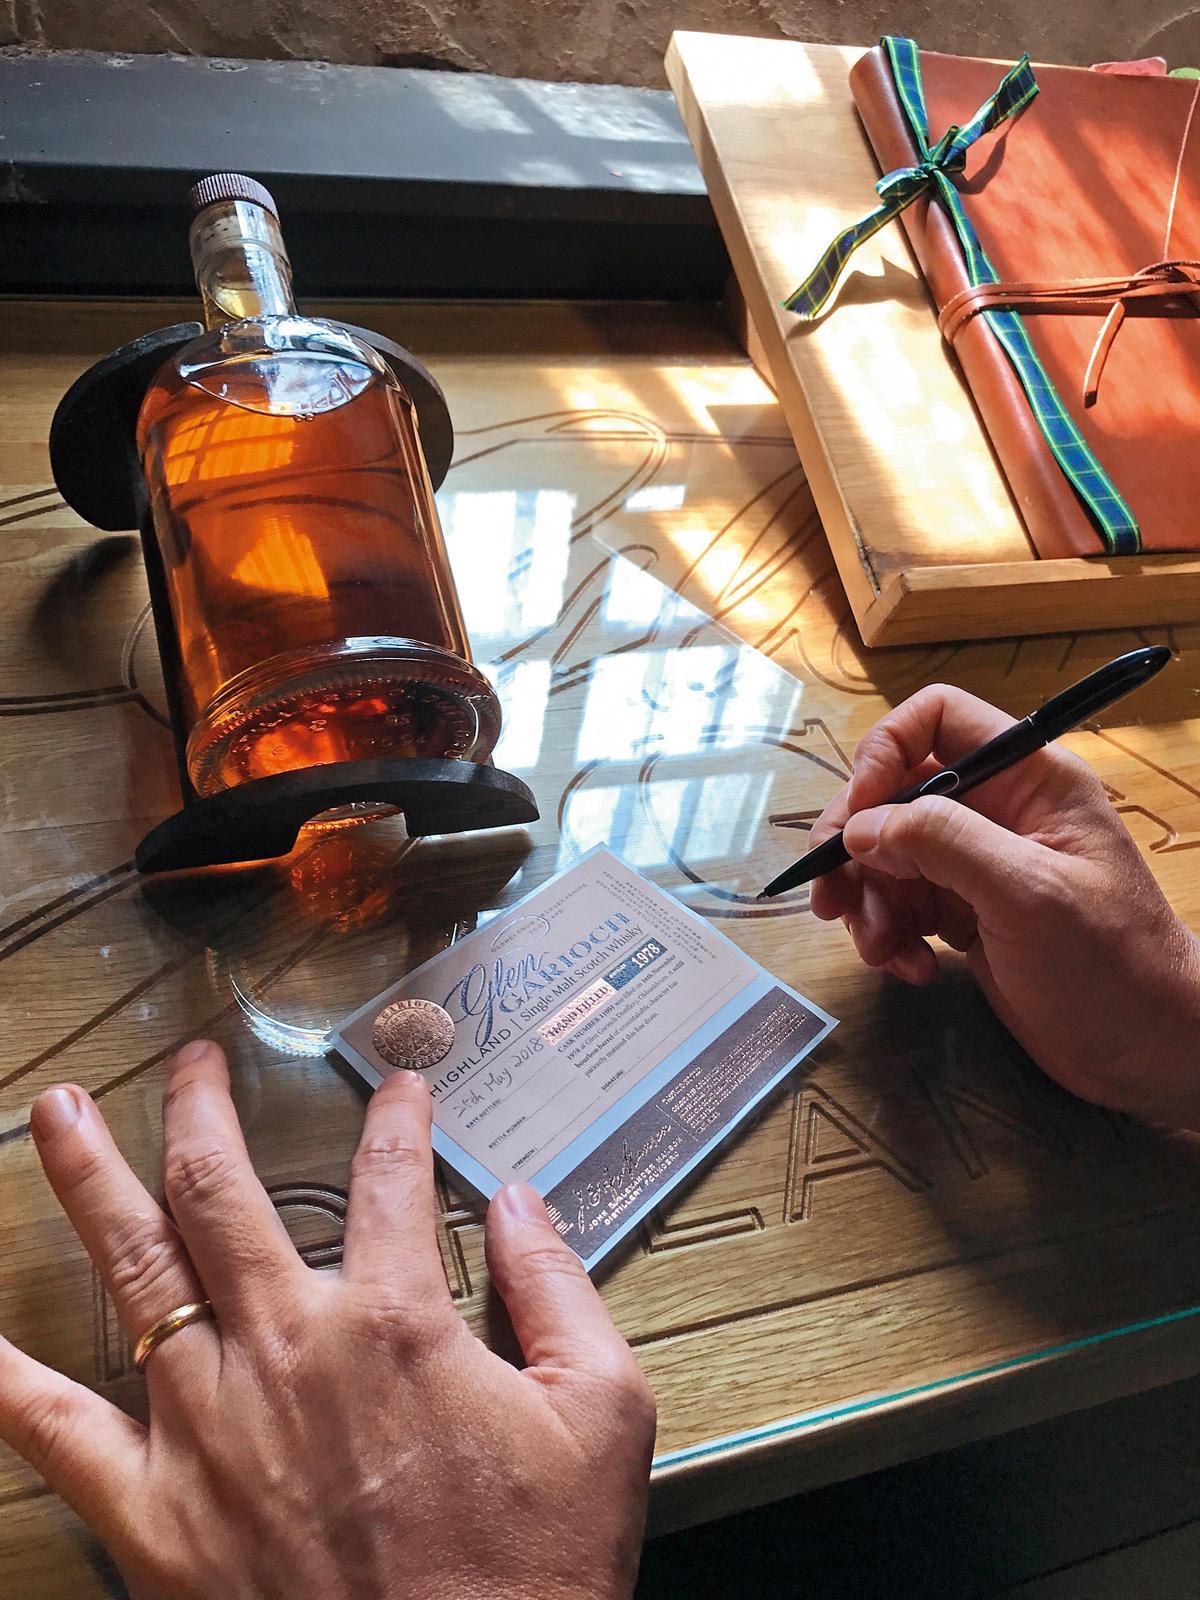 接著貼上自己手寫的酒標,經過酒廠認證後,還必須登錄在右上角的那本檔案簿中。